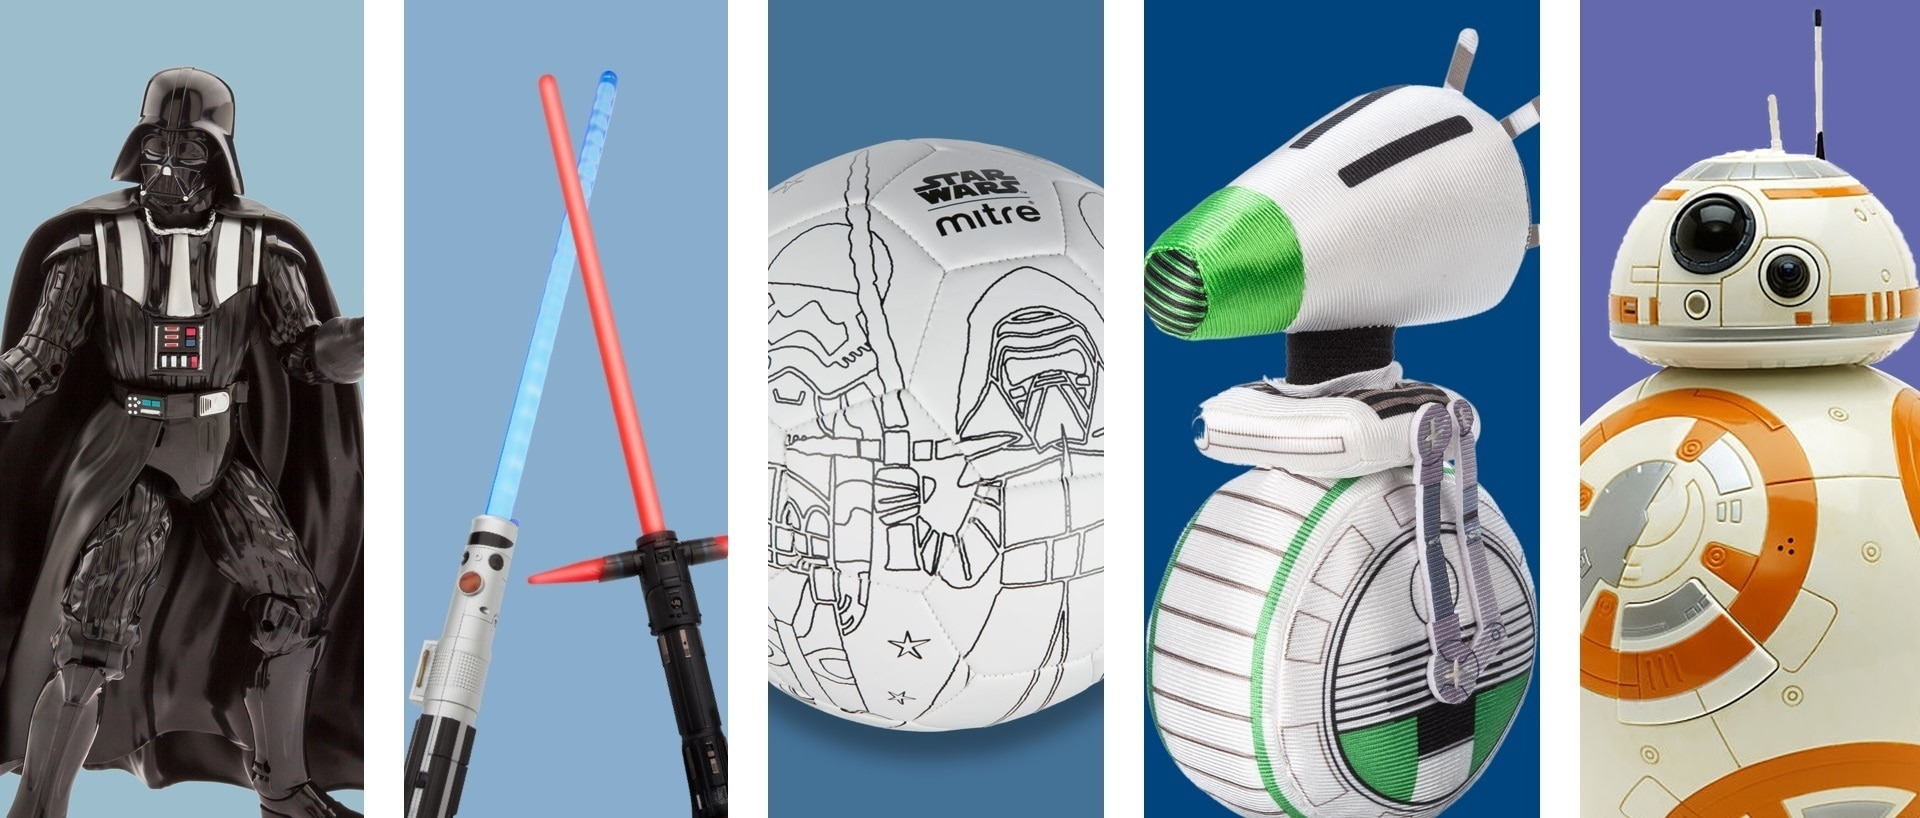 Uma seleção de brinquedos inspirados em Star Wars